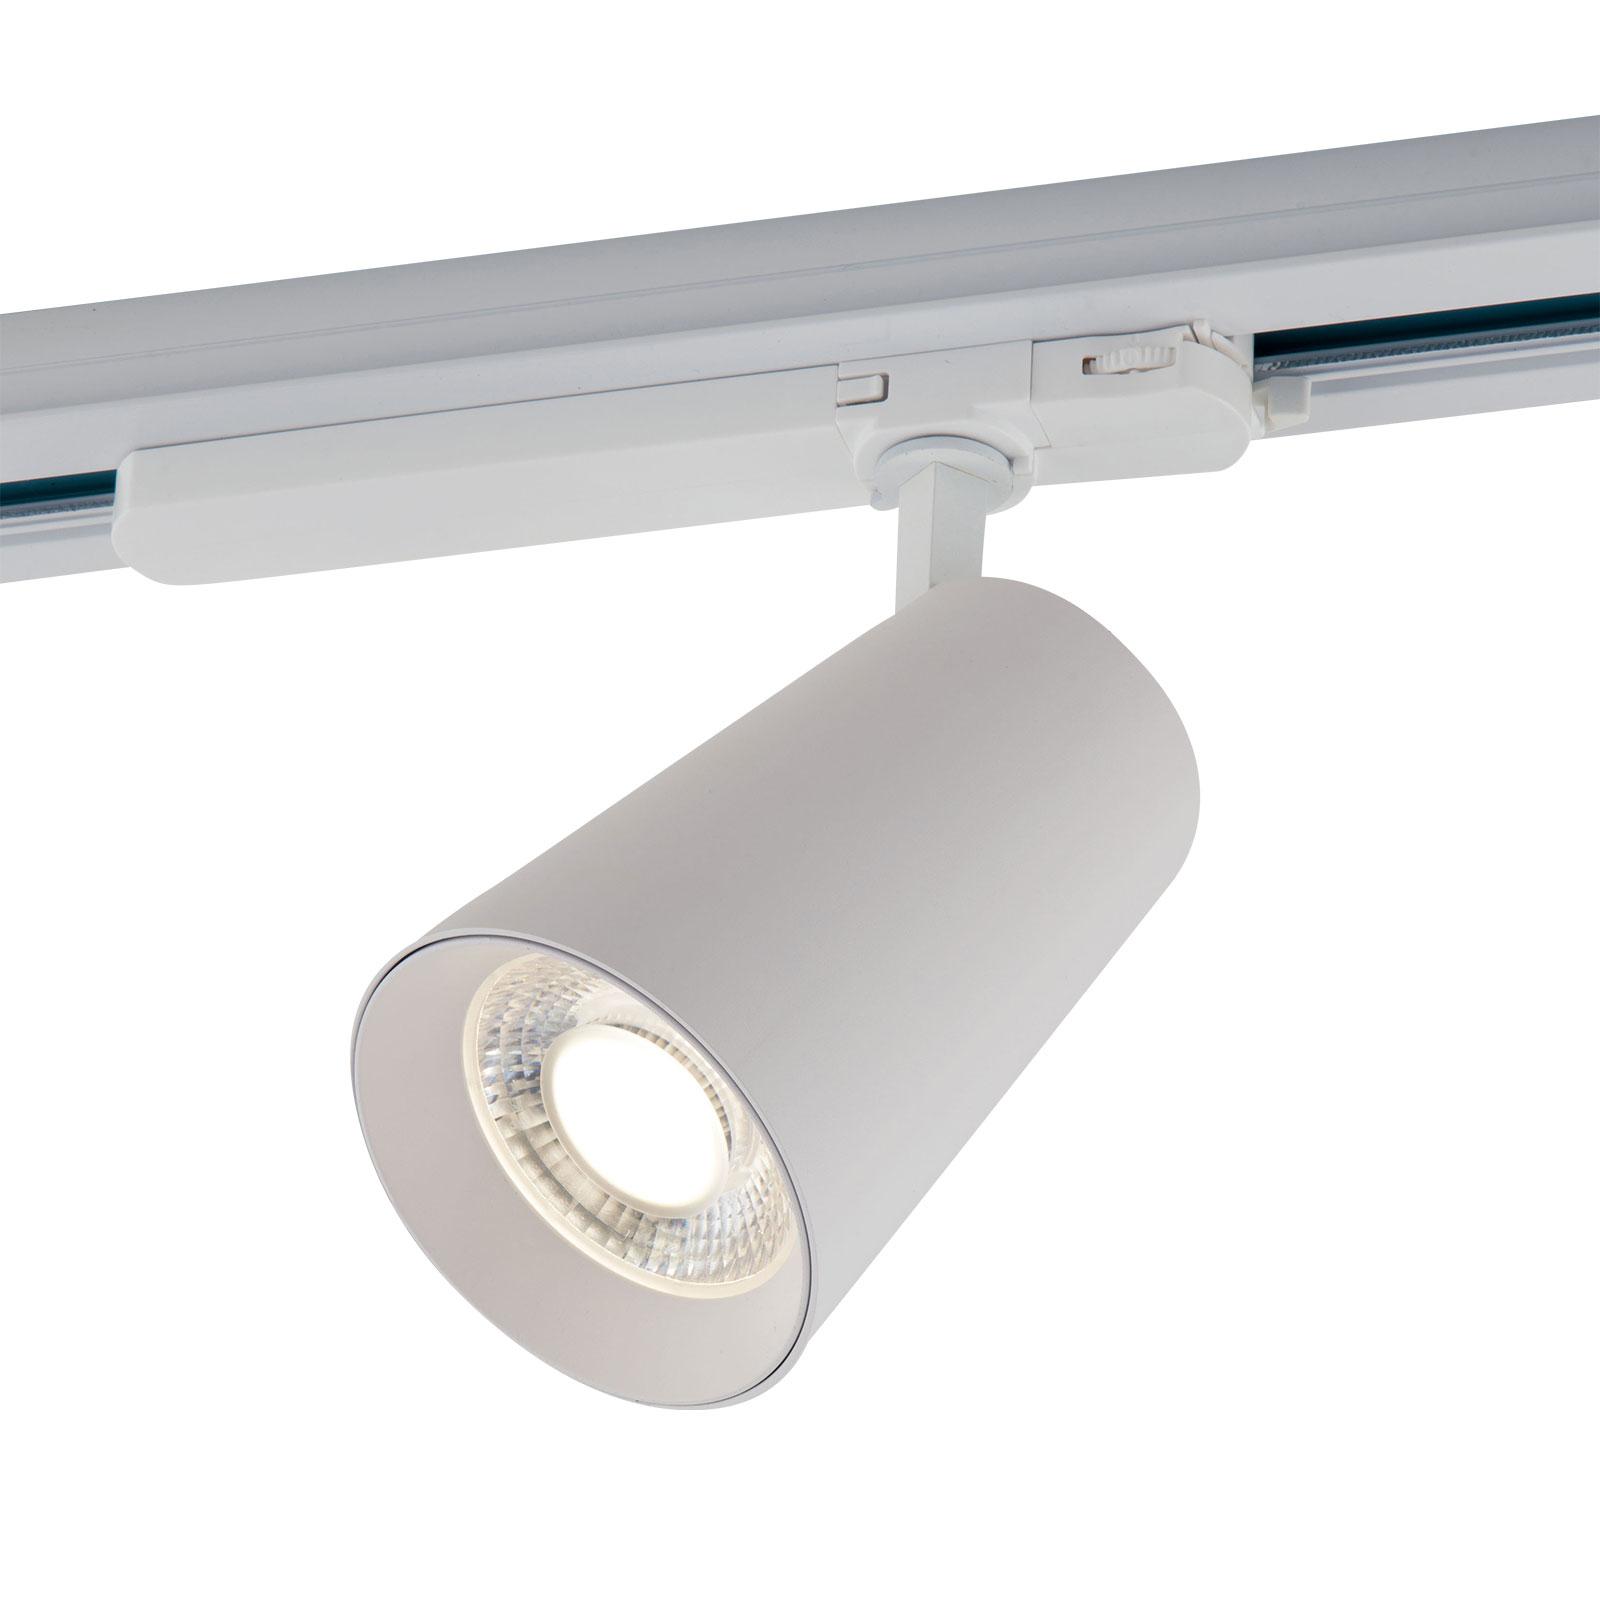 LED-Schienen-Strahler Kone 3.000K 13W weiß